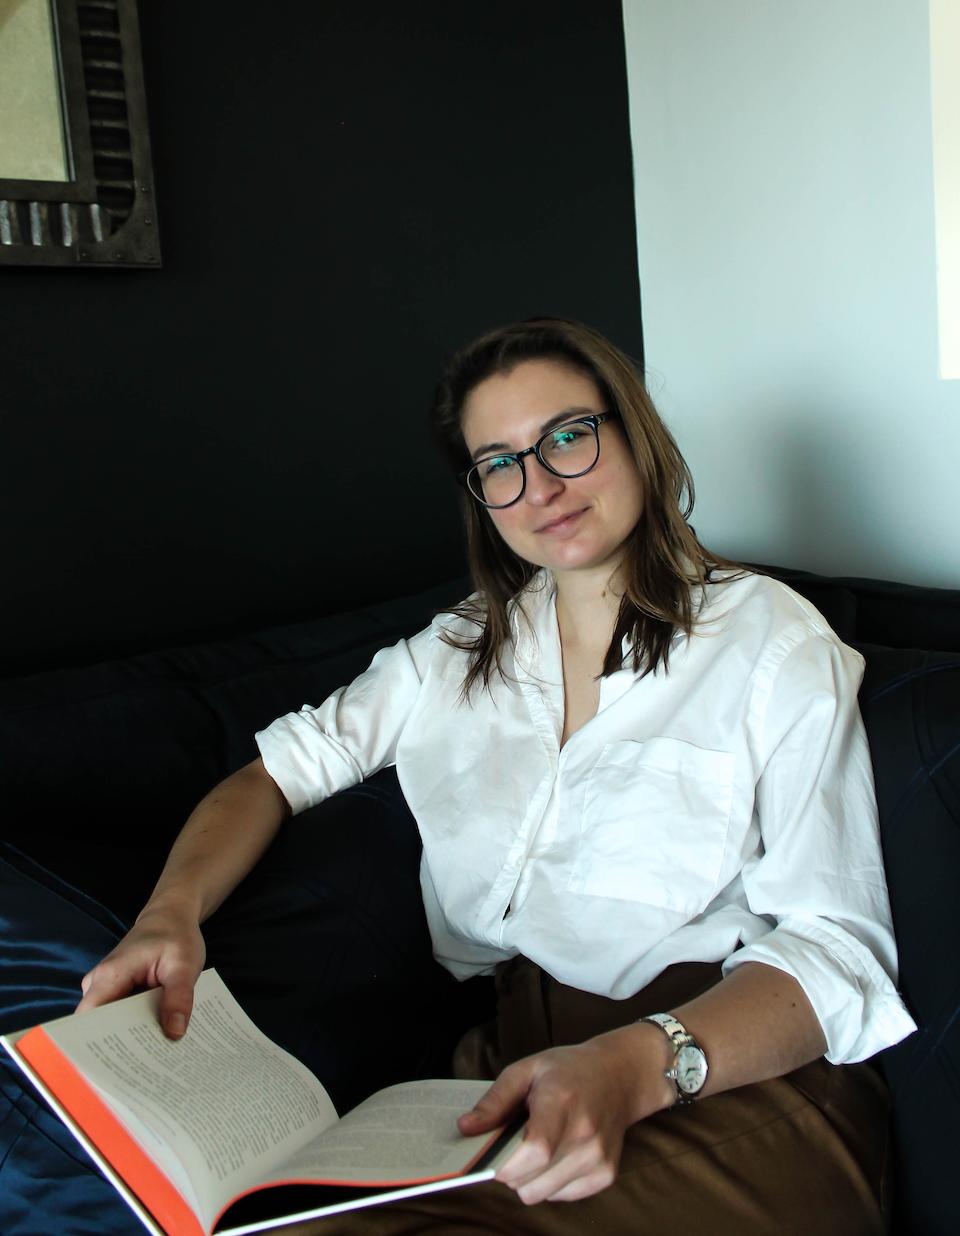 Camille Saltzman